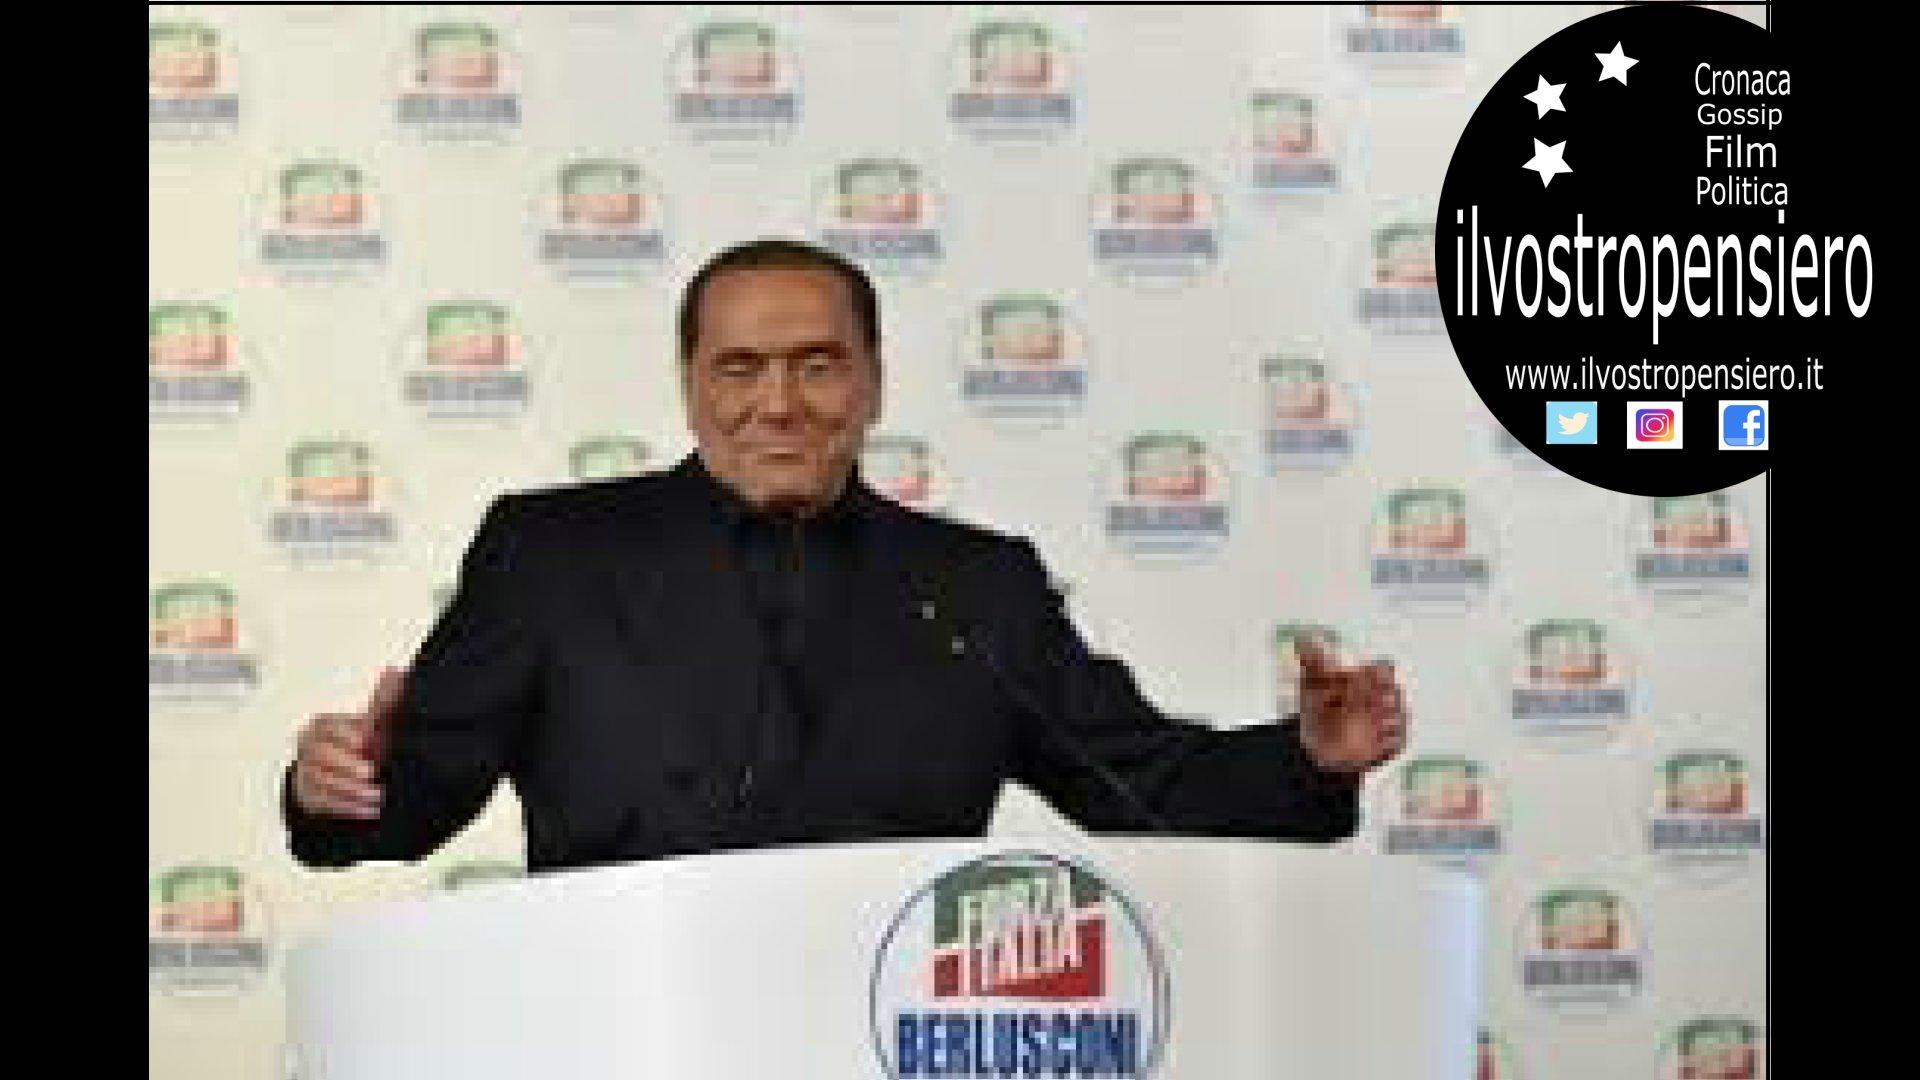 Mentre Facebook chiude 23 pagine per fakenews, io mi domando chi e' che chiude Berlusconi per le sue cavolate?